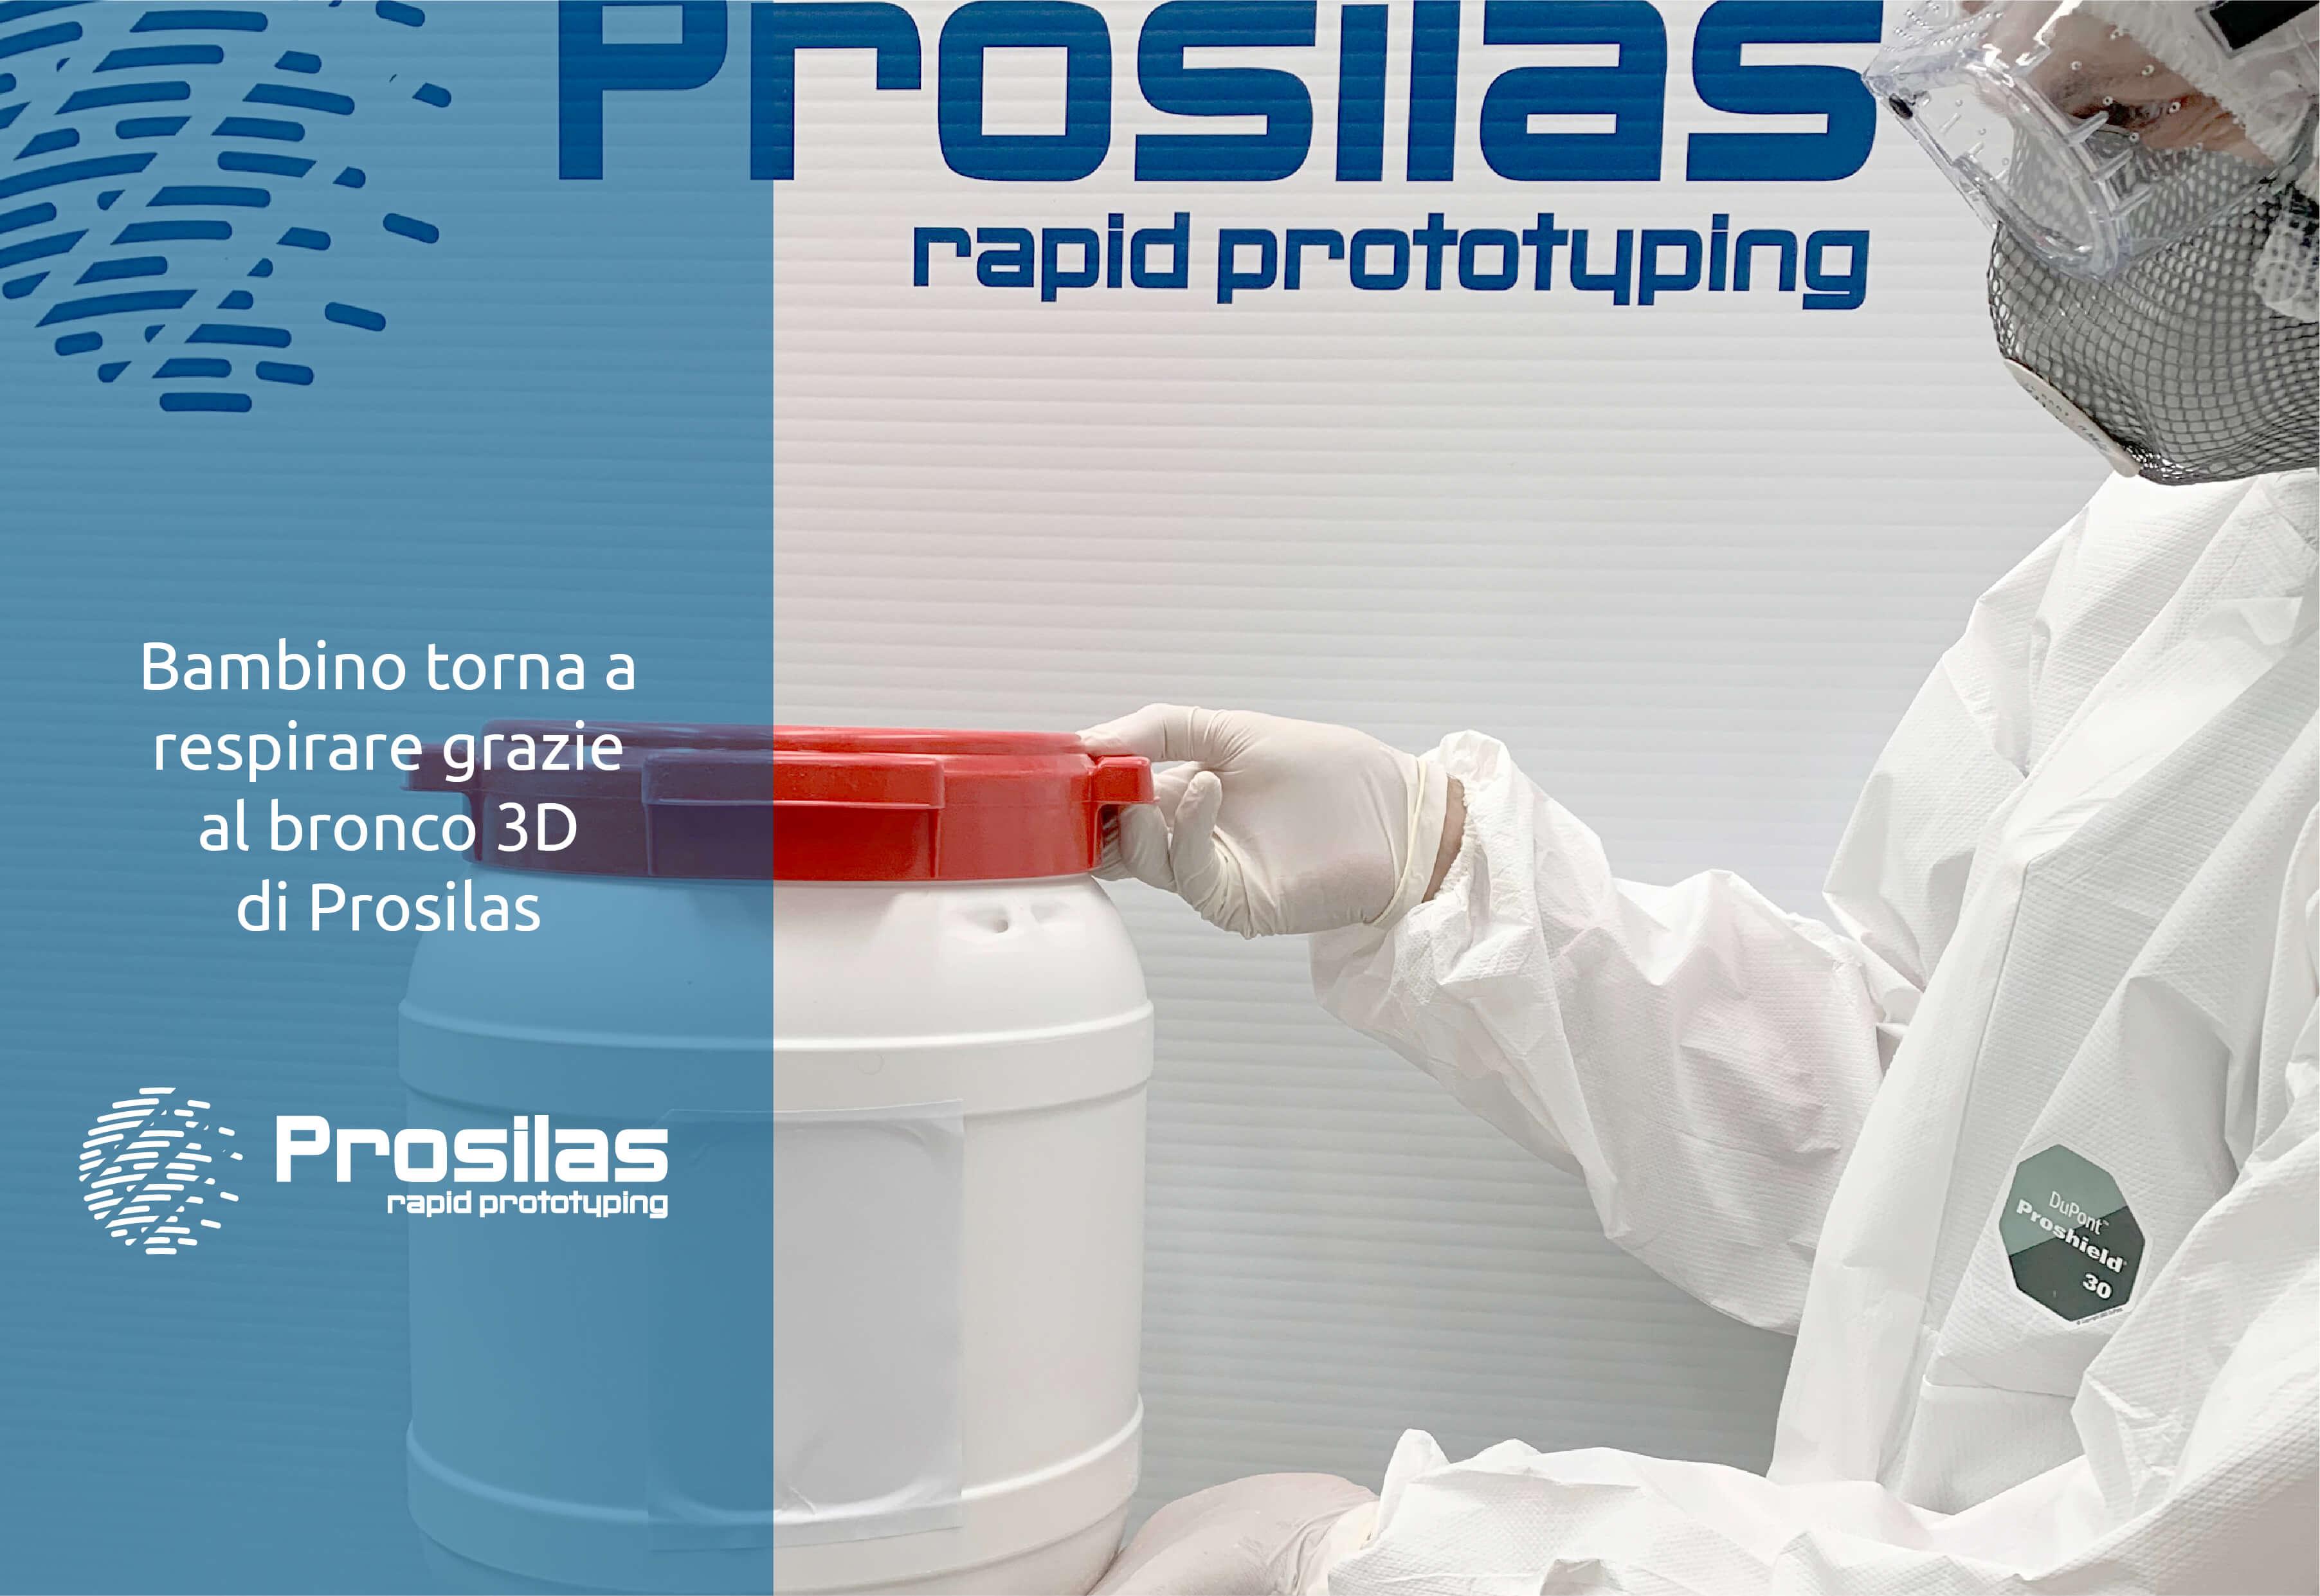 Bambino torna a respirare  grazie al bronco 3D di Prosilas